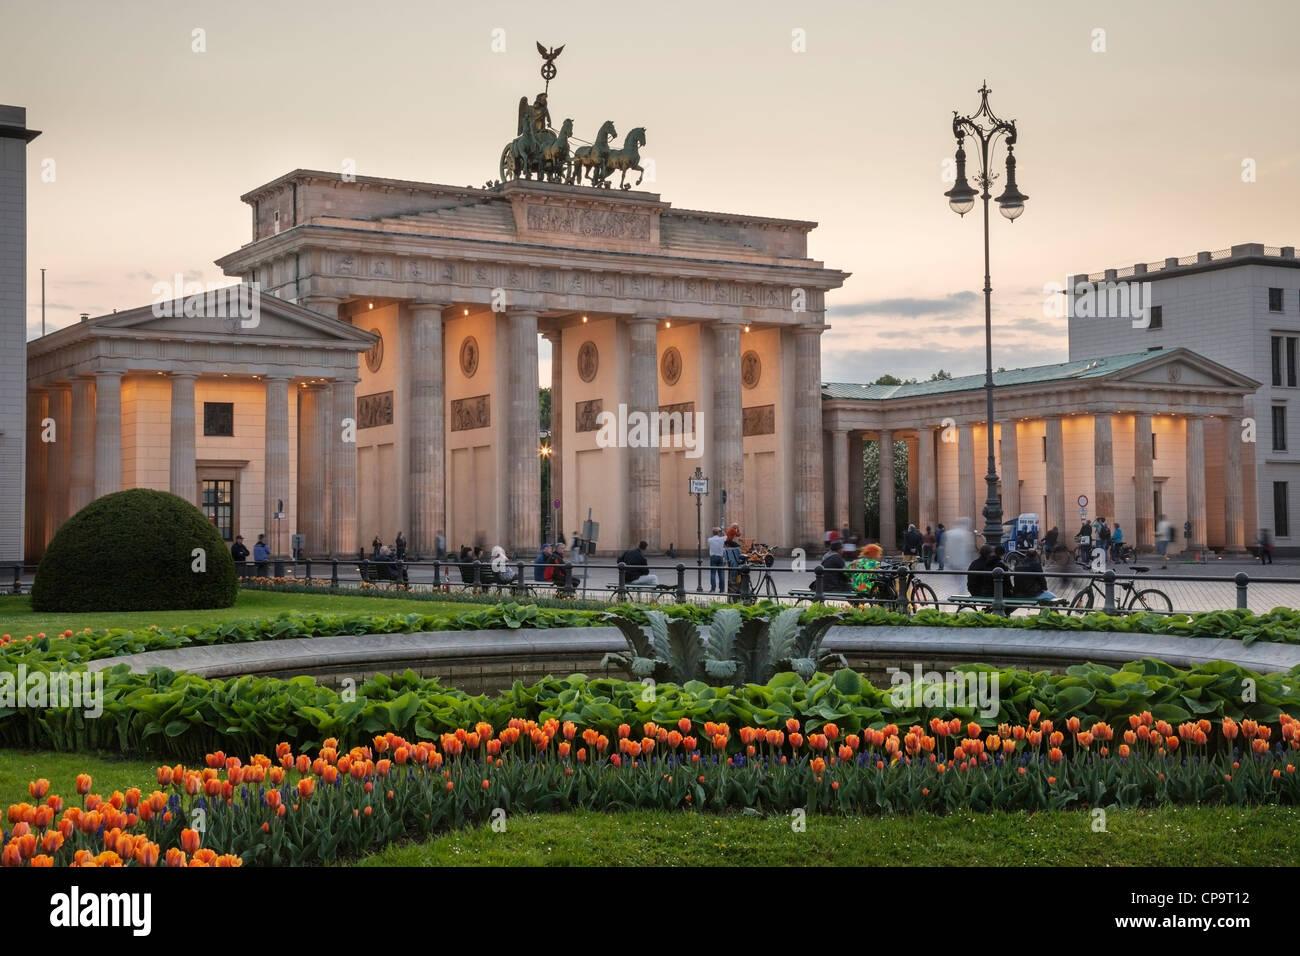 Brandenburger Tor und Pariser Platz, Berlin, Deutschland Stockfoto